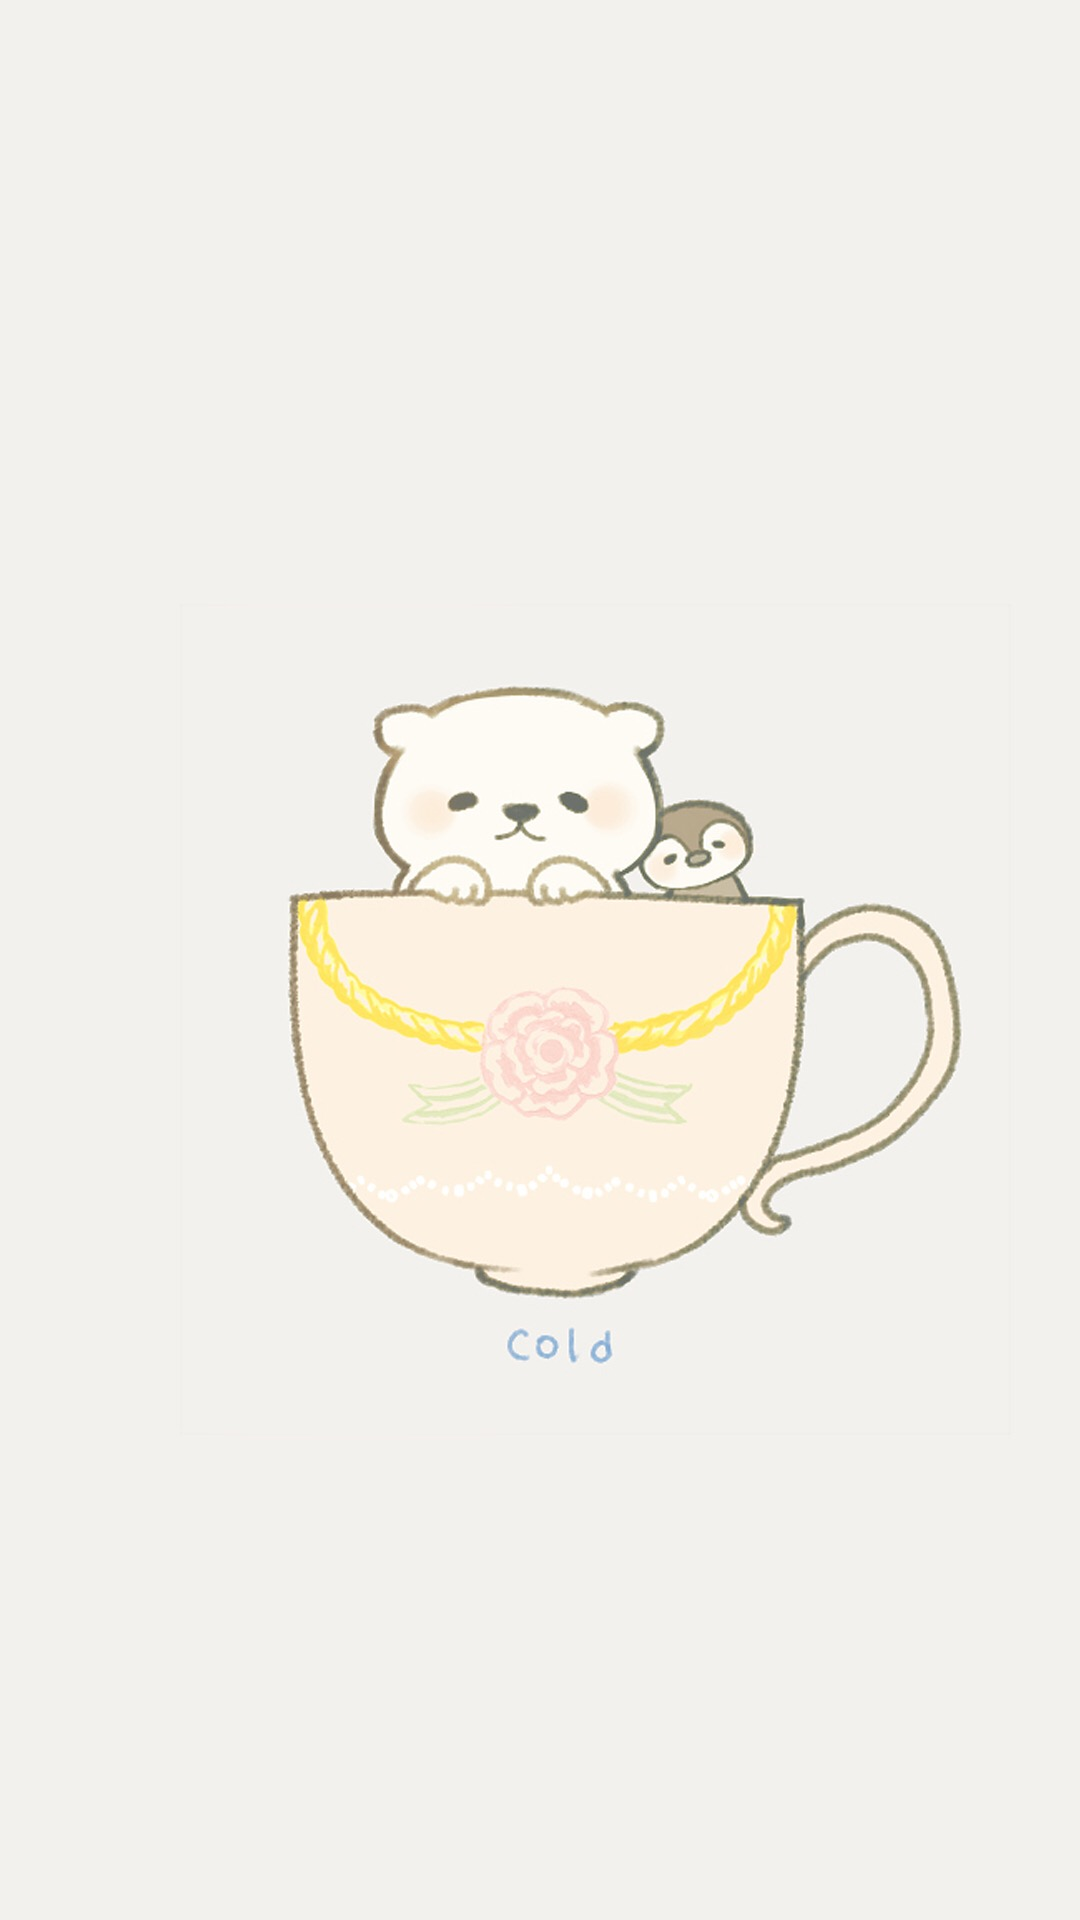 可爱小熊卡通图片手机锁屏壁纸由mm4000图片大全(www.mm4000.com)精心为您收集整理,小熊本来就是一种可爱、萌萌哒的形象,喜欢小熊的肯定有一颗童心。喜欢就抱走吧!更多简单可爱图片手机壁纸尽请关注mm4000图片大全!尺寸为1080*1920